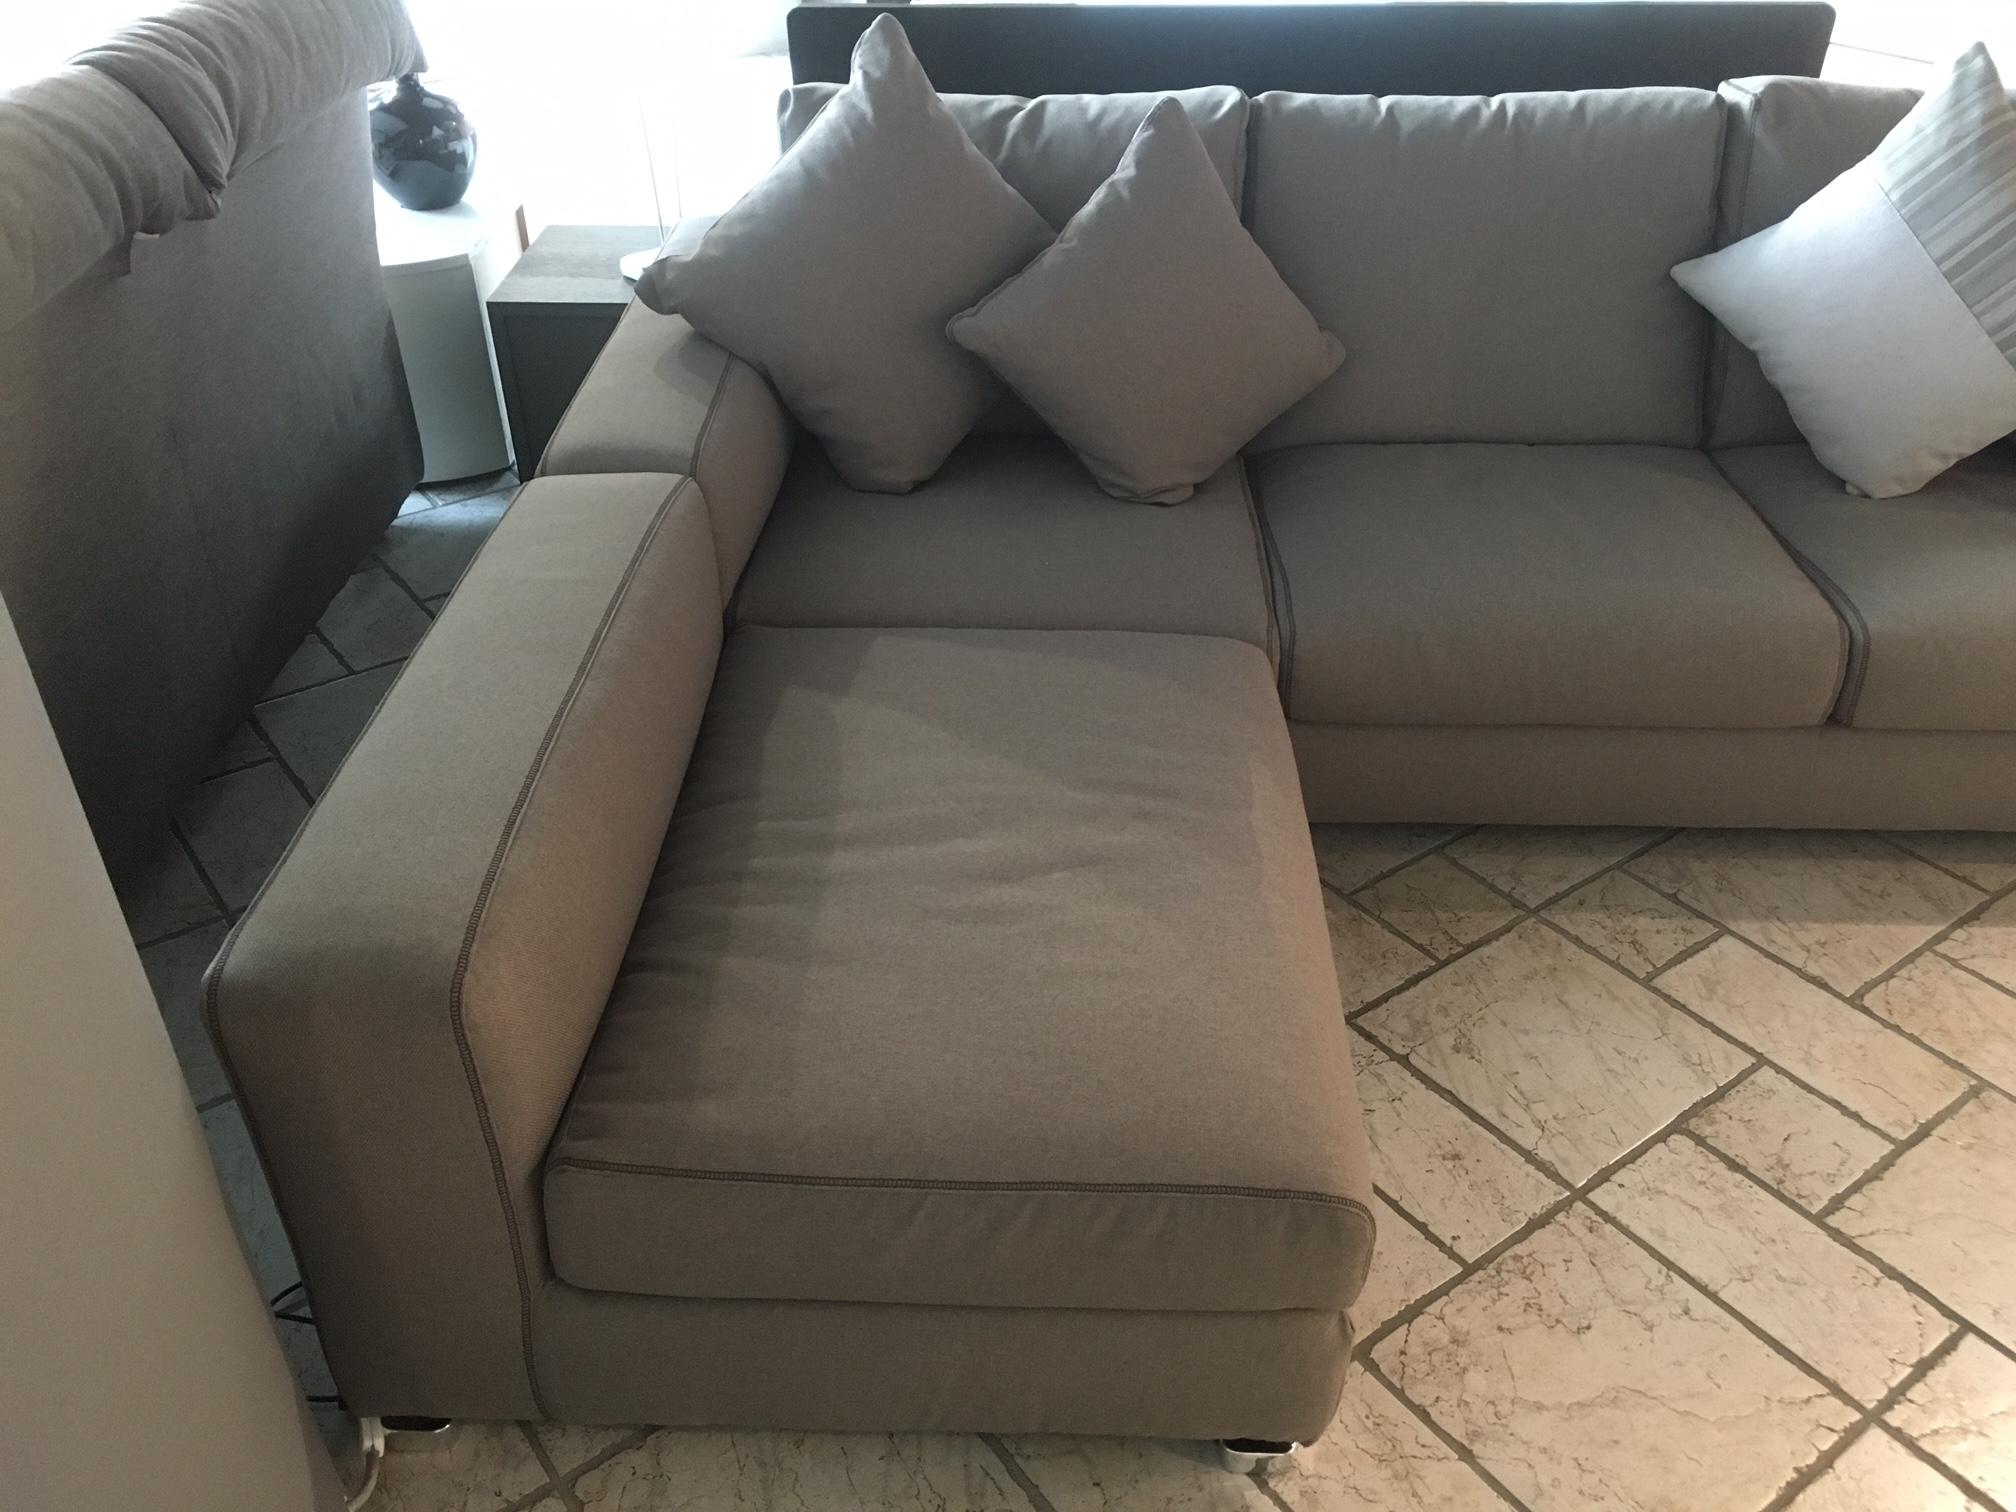 Divano con chaise longue reversibile in promozione divani a prezzi scontati - Divano 4 posti con chaise longue ...